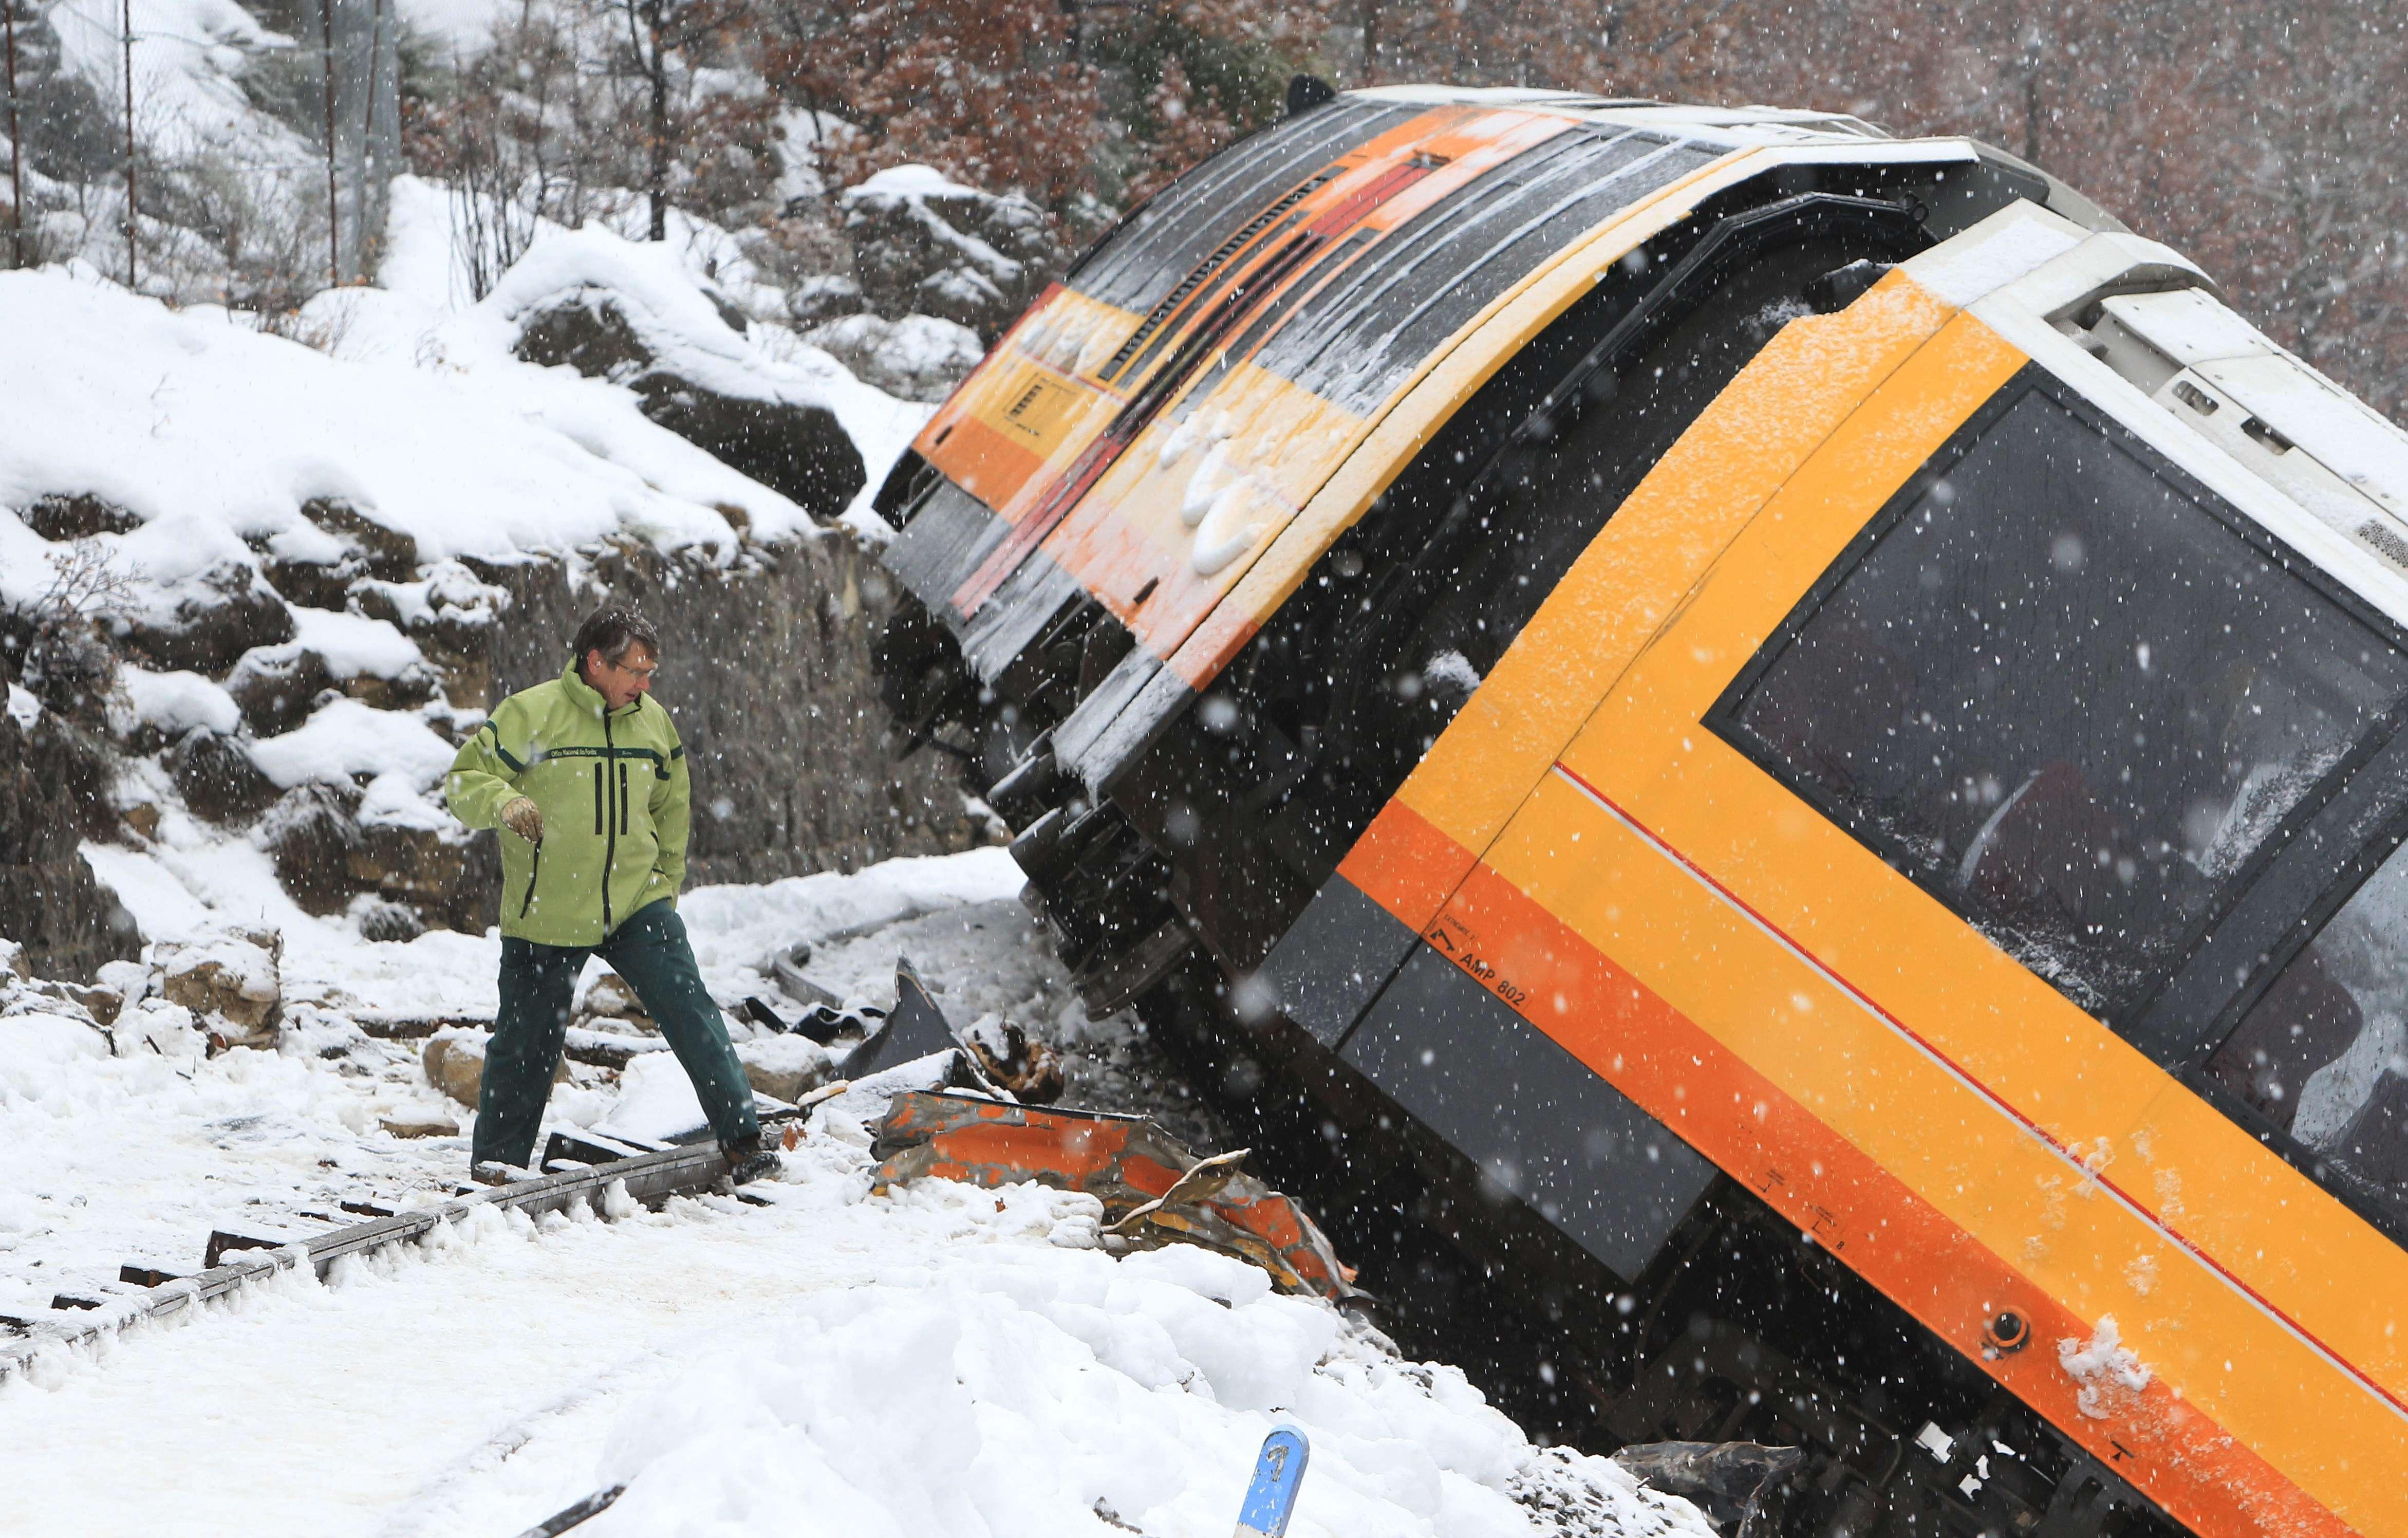 Imagini impresionante din Alpii Francezi. Doua persoane au murit si noua au fost ranite dupa ce un tren turistic a deraiat